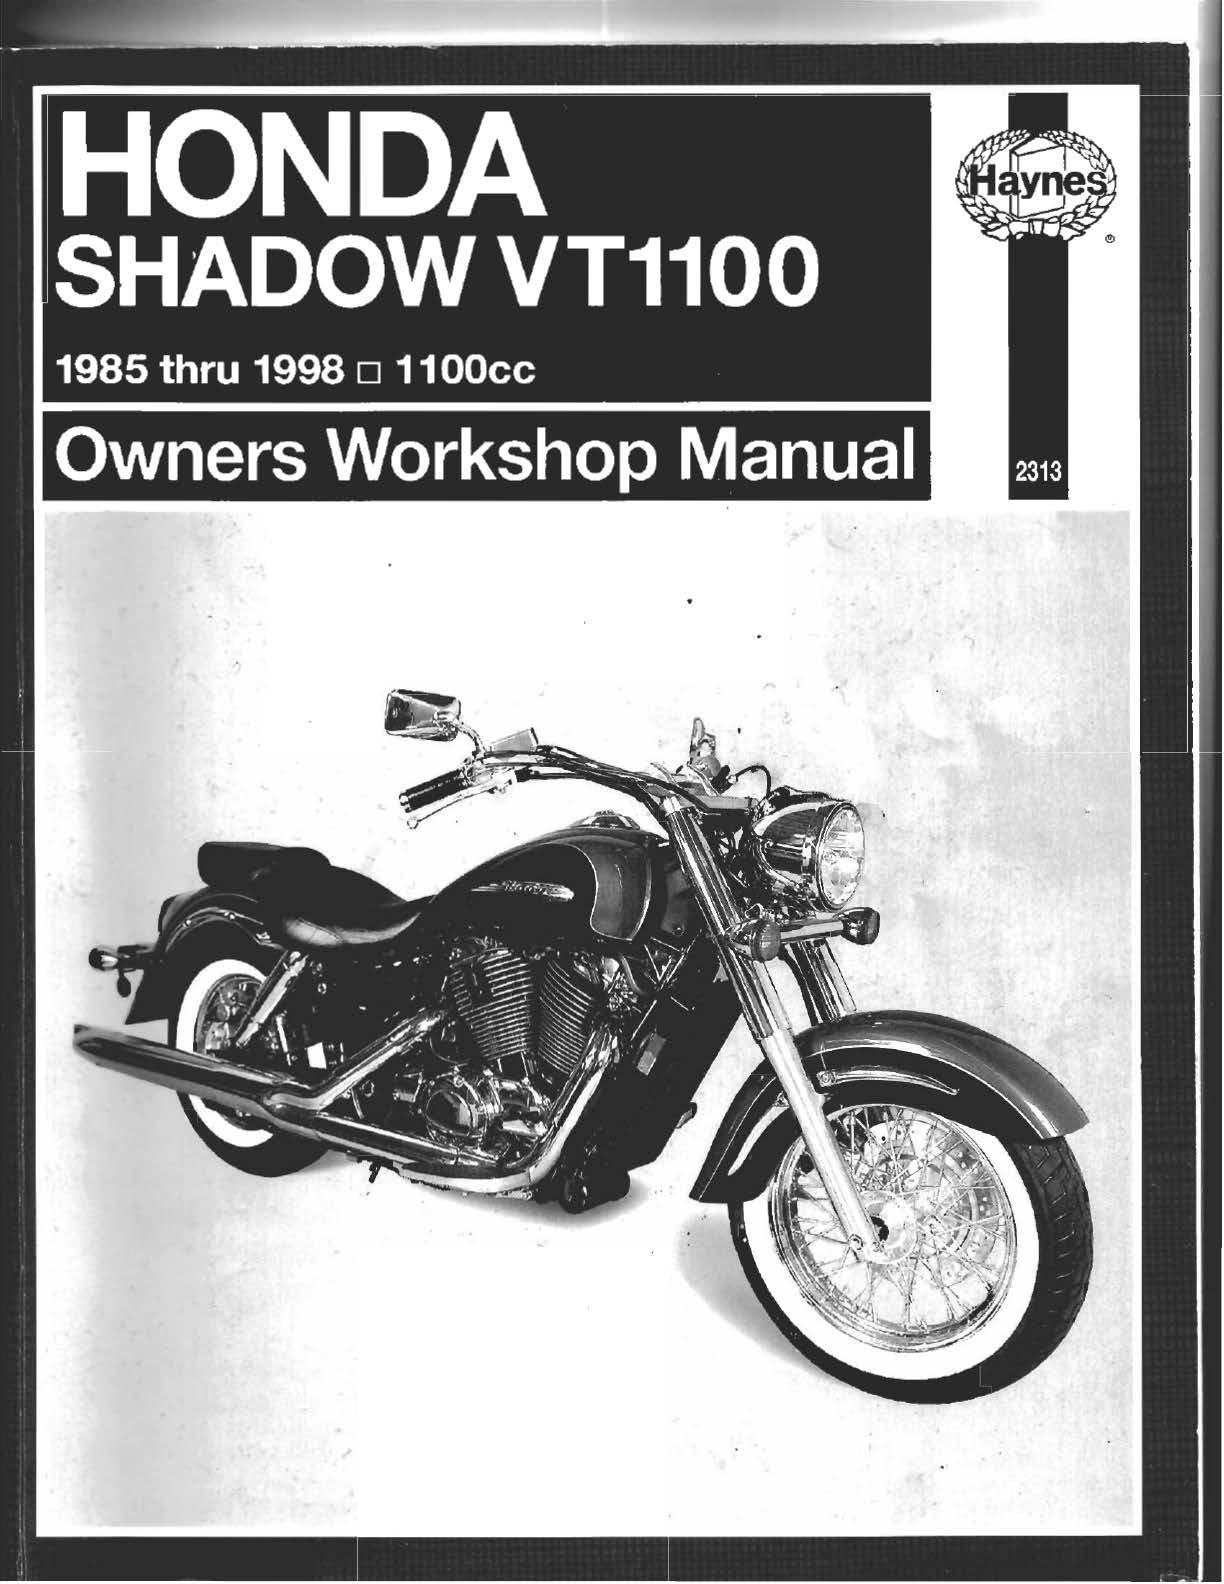 Workshop manual for Honda VT1100C VT1100T Shadow (1985-1998)